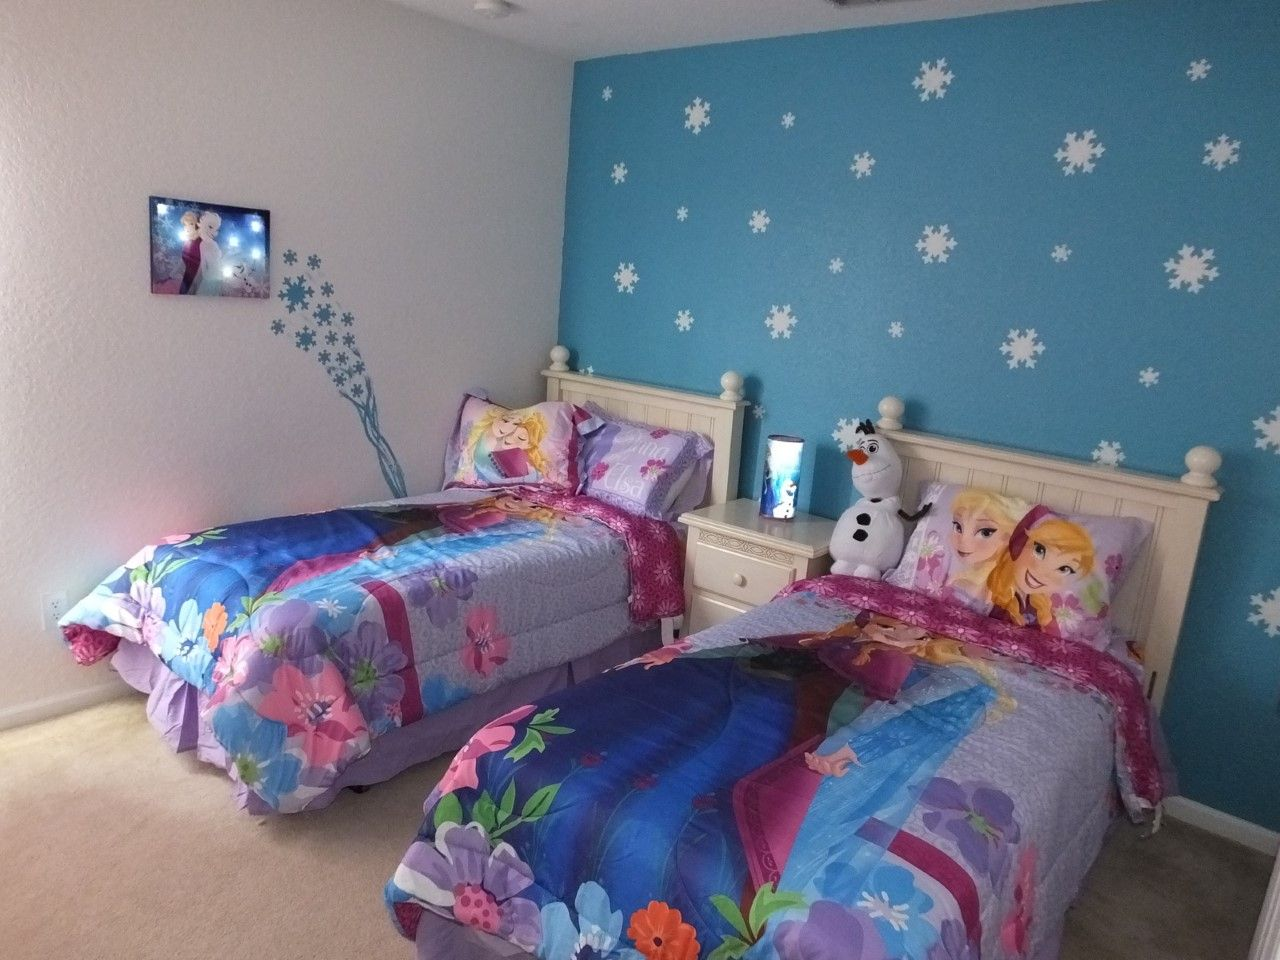 Frozen bedroom accent wall  kids rooms  Pinterest